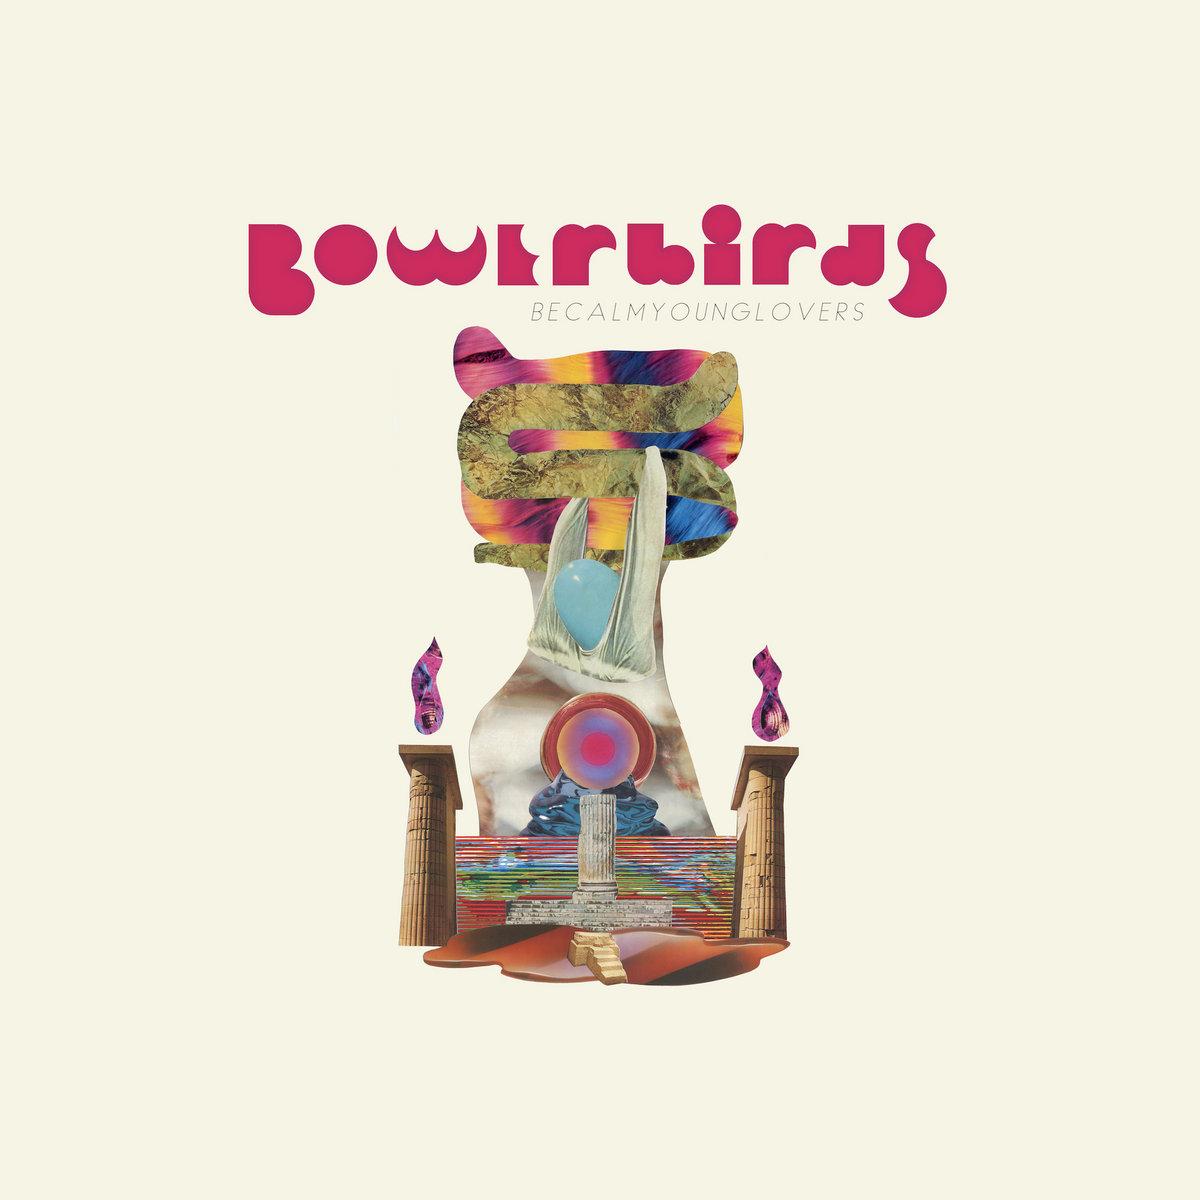 News – Bowerbirds – Becalmyounglovers